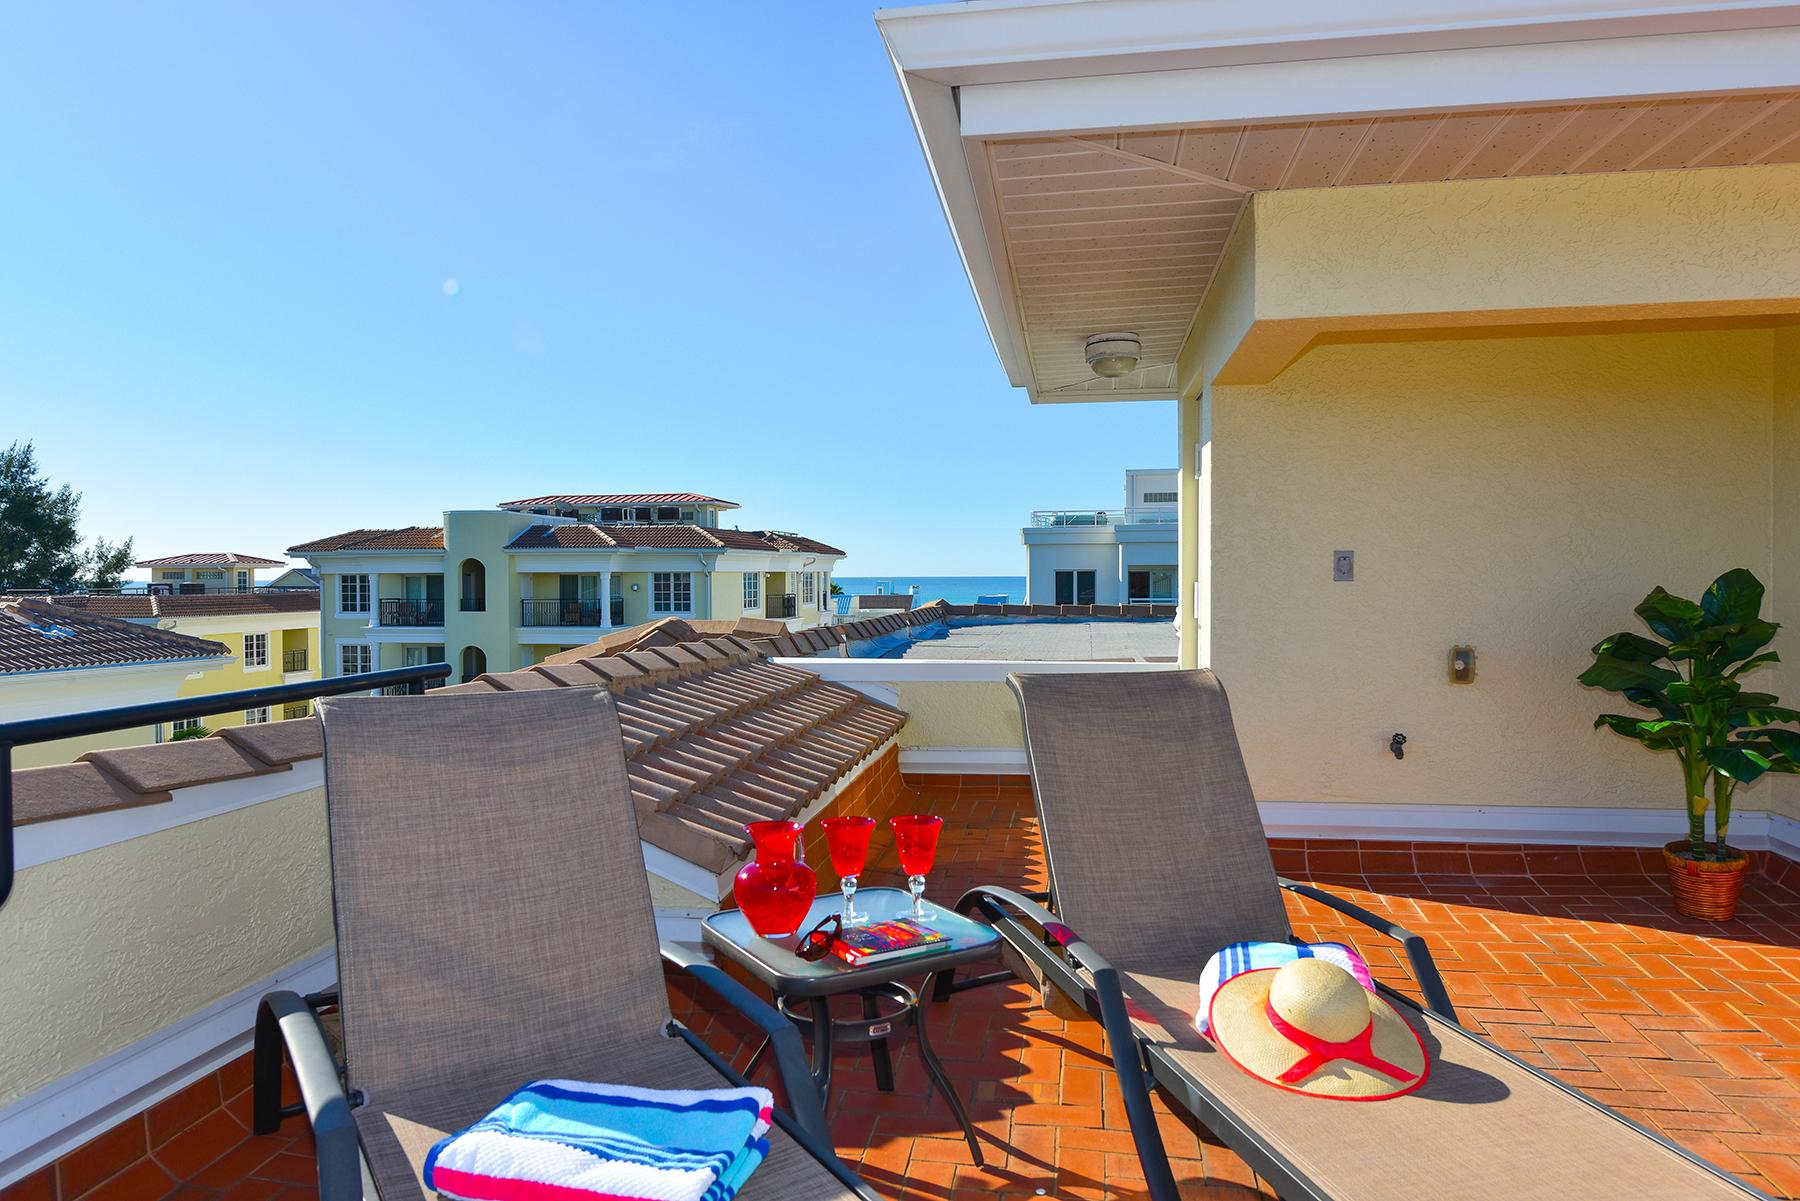 Condomínio para Venda às SARASOTA 304 Calle Miramar 304-S2 Sarasota, Florida, 34242 Estados Unidos